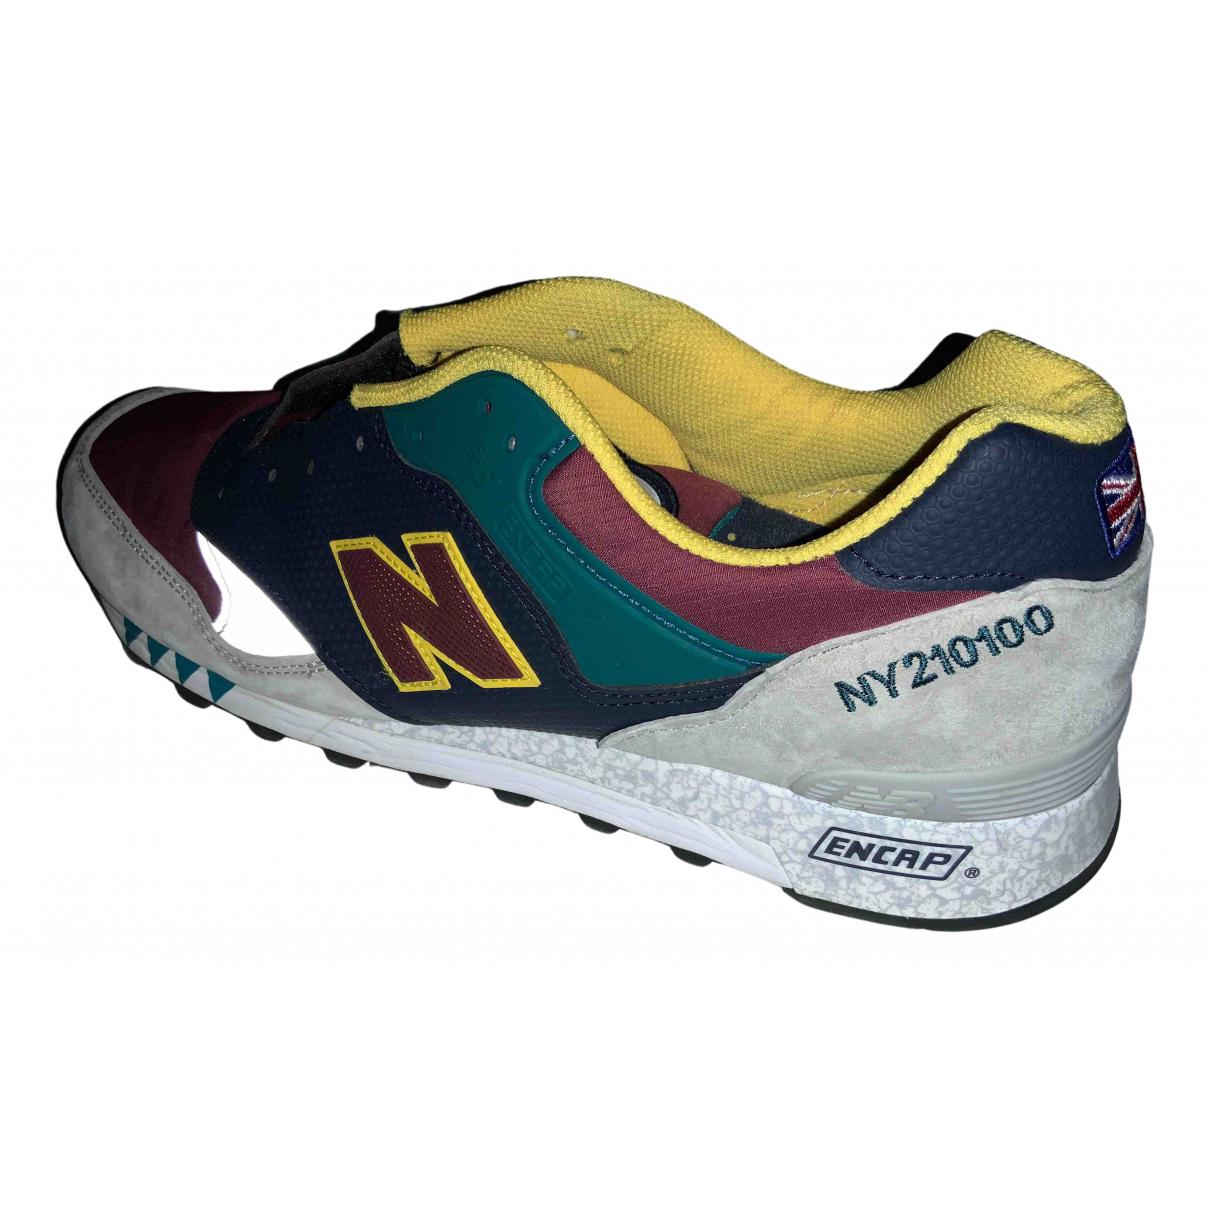 New Balance - Baskets   pour homme en suede - multicolore